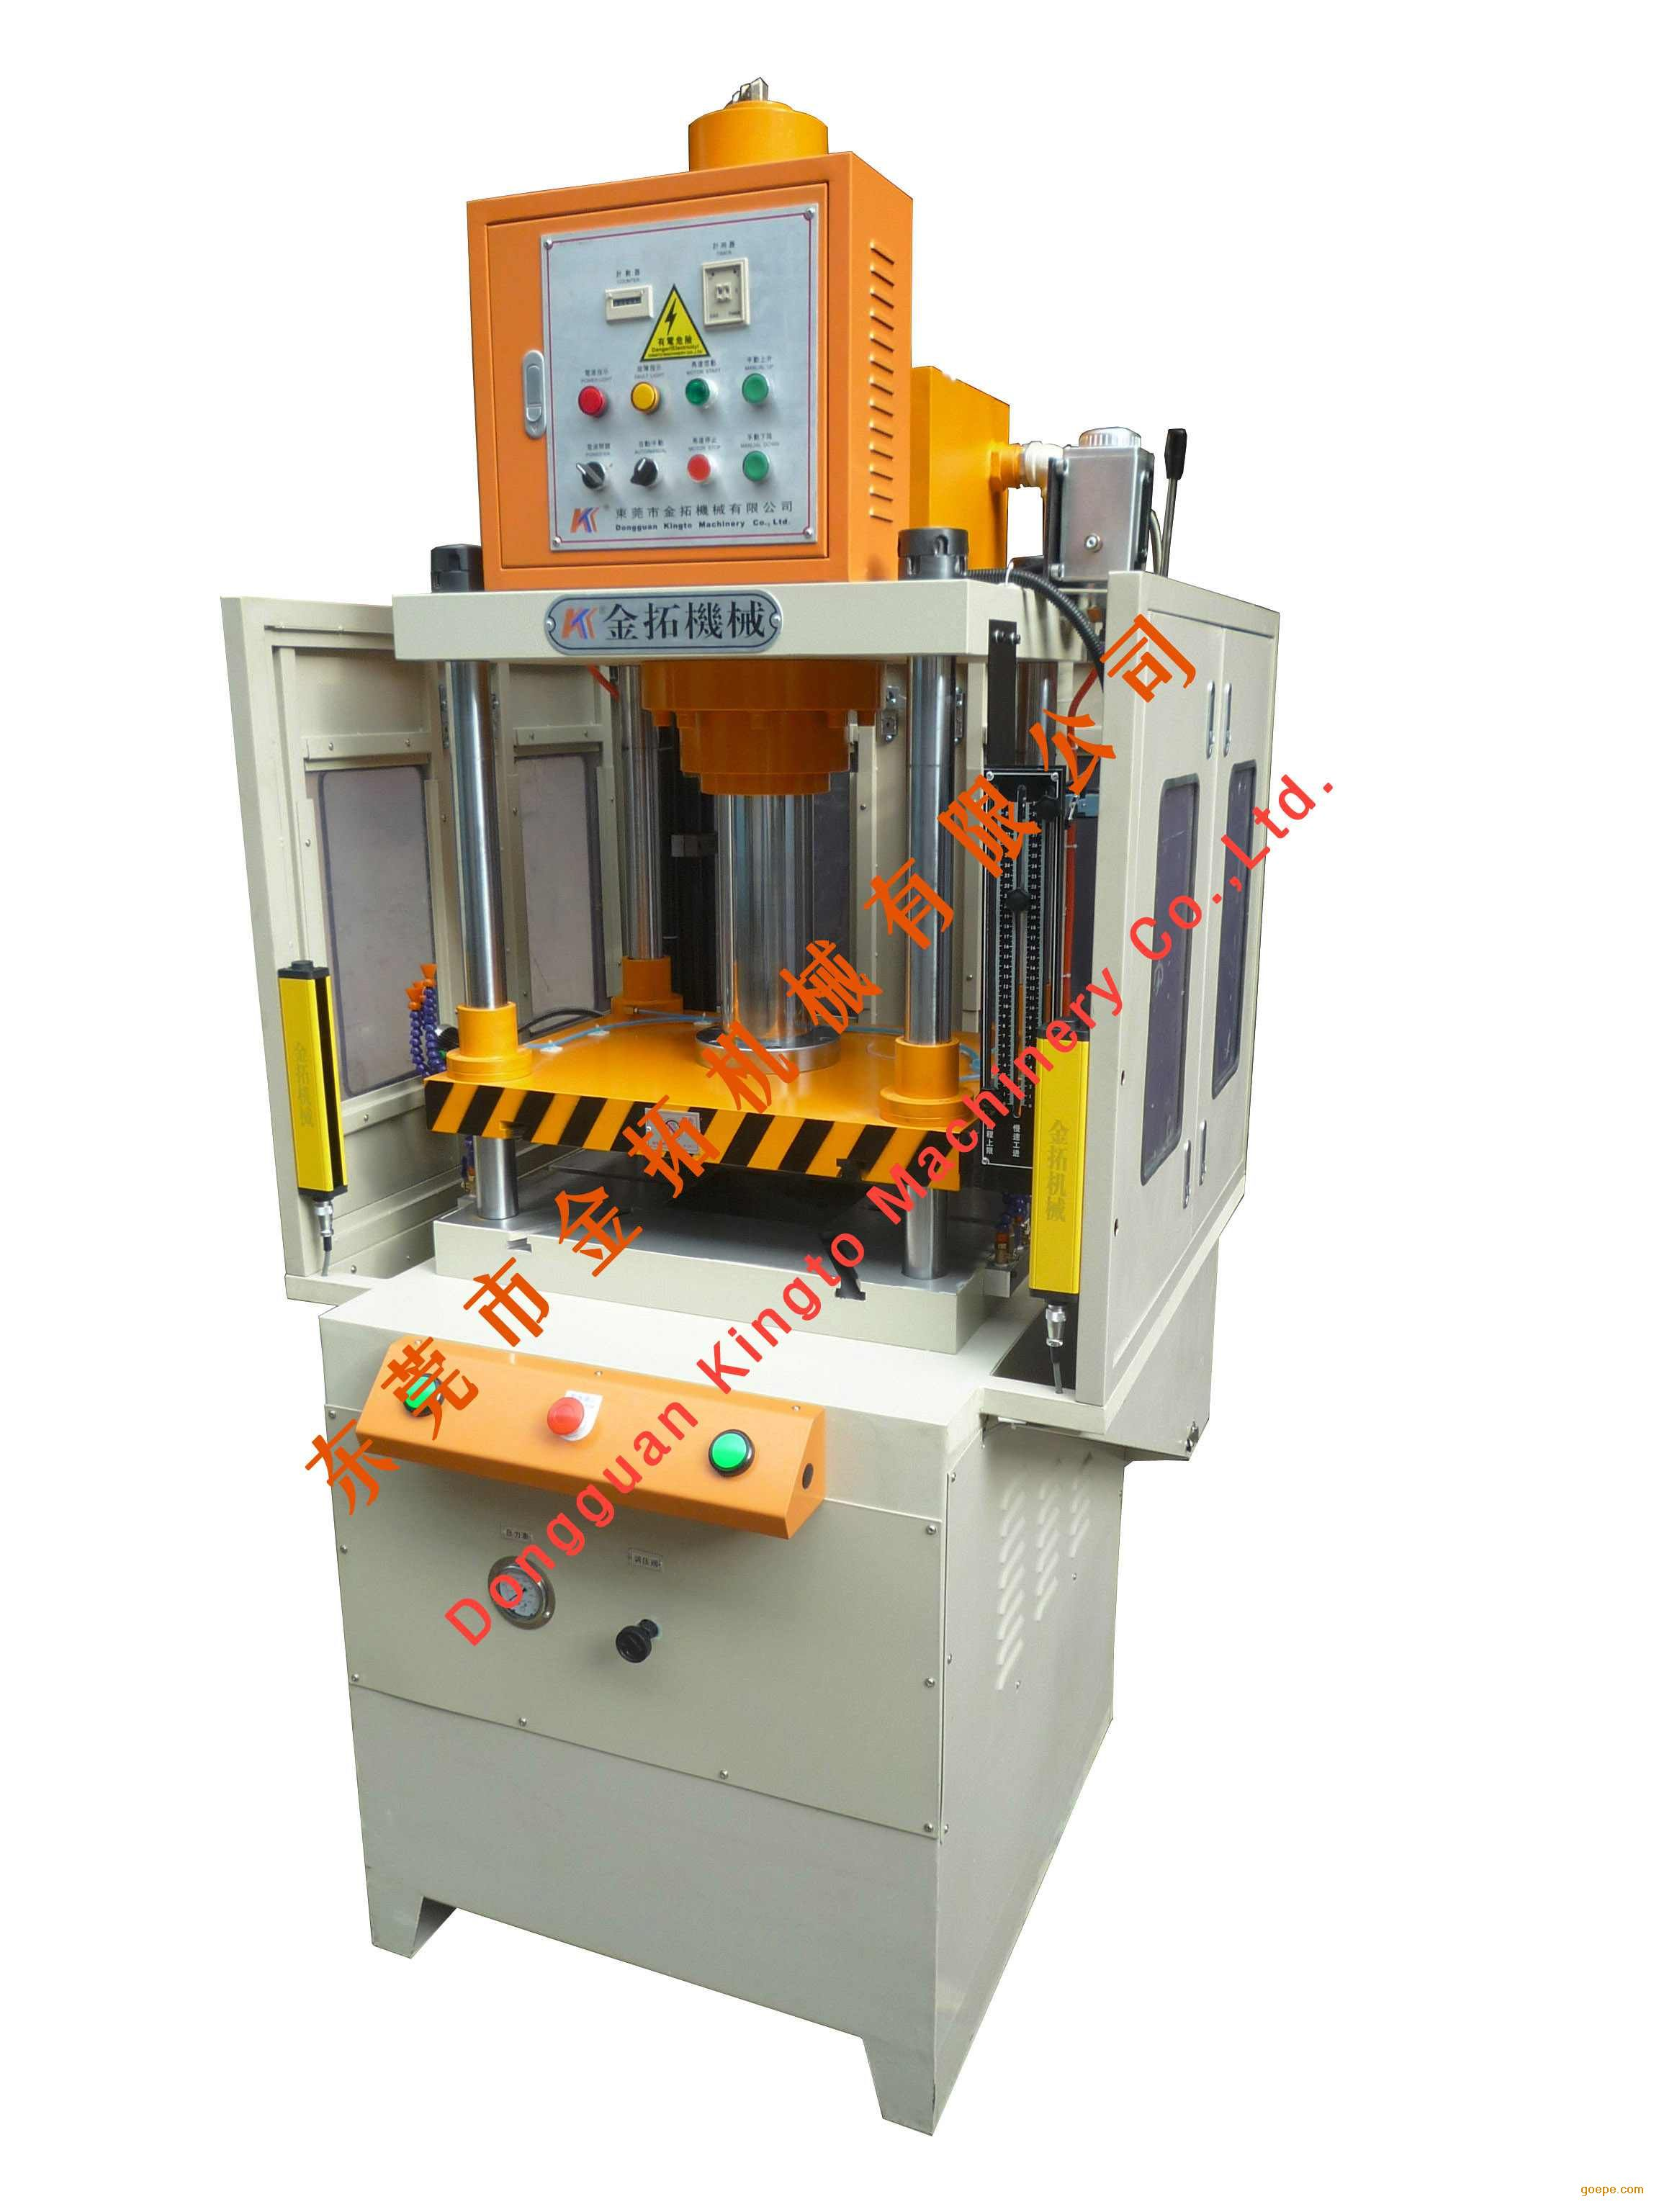 单动油压机、金拓双动液压机、卧式油压机、